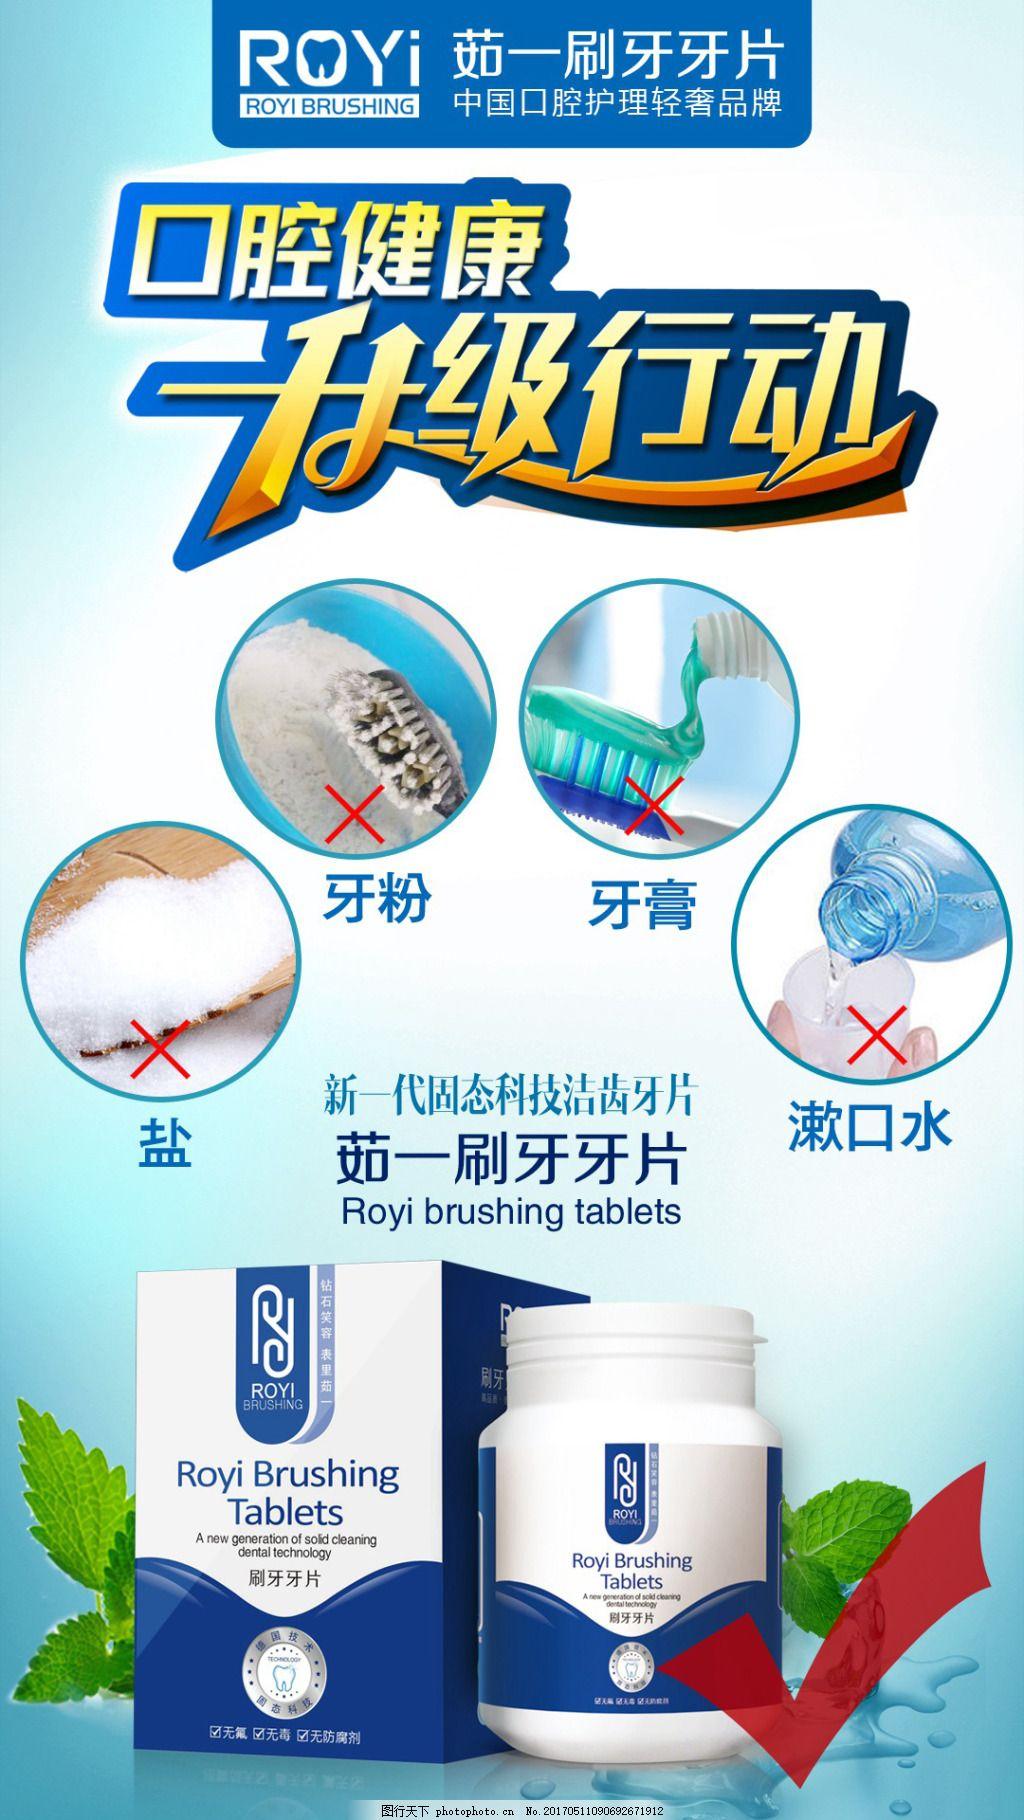 微商口腔海报 微商口腔健康升级行动 产品宣传 洁齿产品 文字